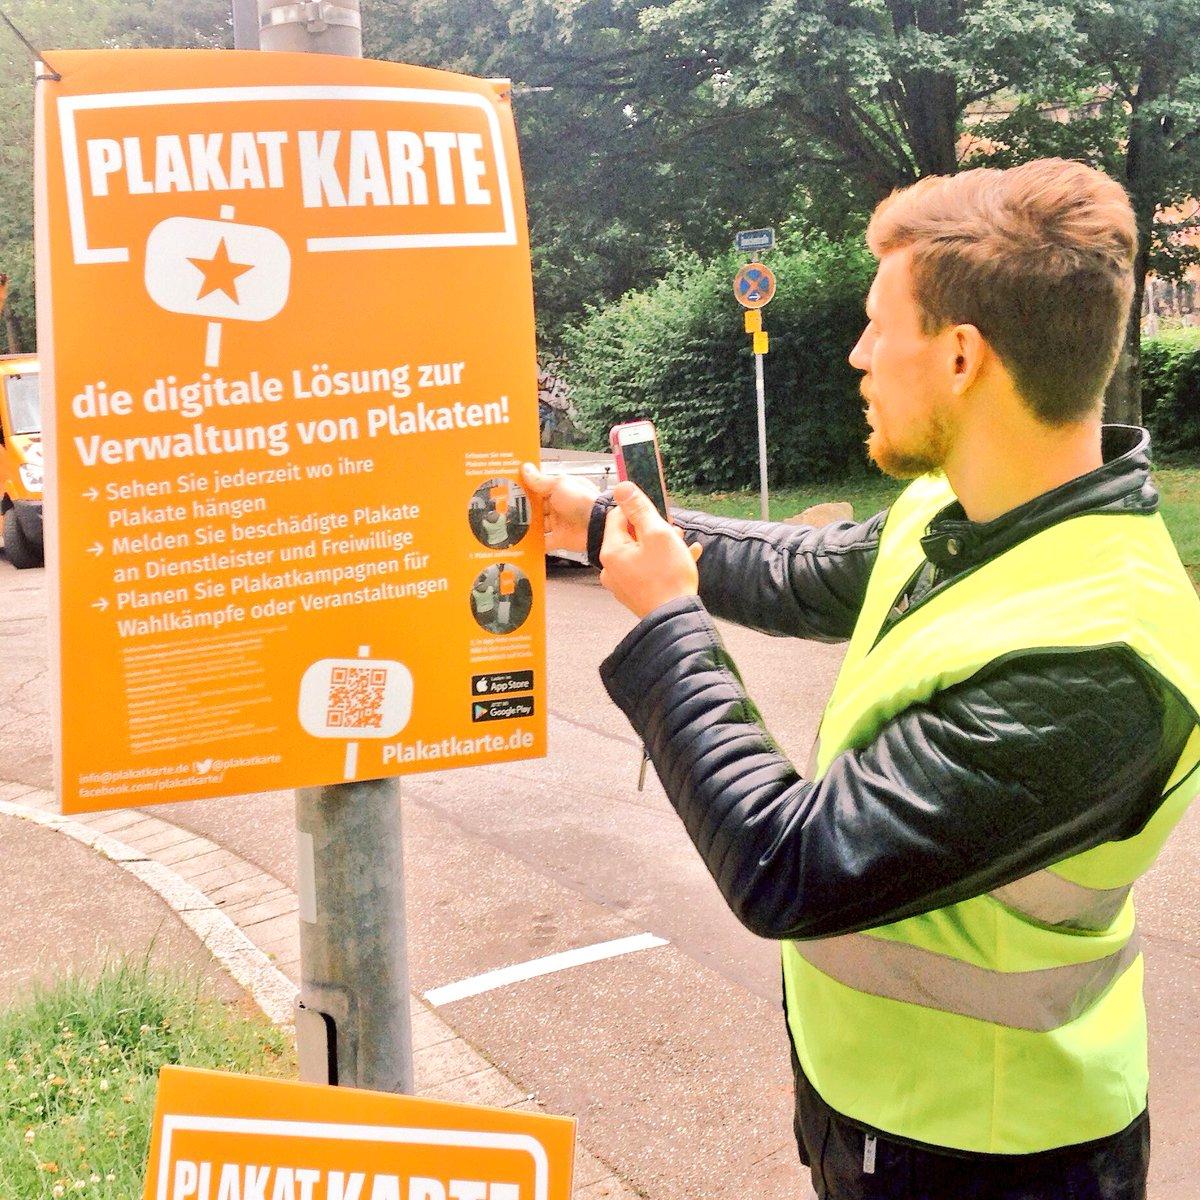 Plakatkarte ist bereit ihre #Plakate bei der #LtwBY18 & #LtwHessen mobil mit dem #Smartphone zu verwalten. #Wahlkampf geht so digital leichter! Probieren Sie es jetzt aus: https://plakatkarte.de/ #wahlplakatefromheaven #Landtagswahl2018 #Digitalisierung #SmartCity